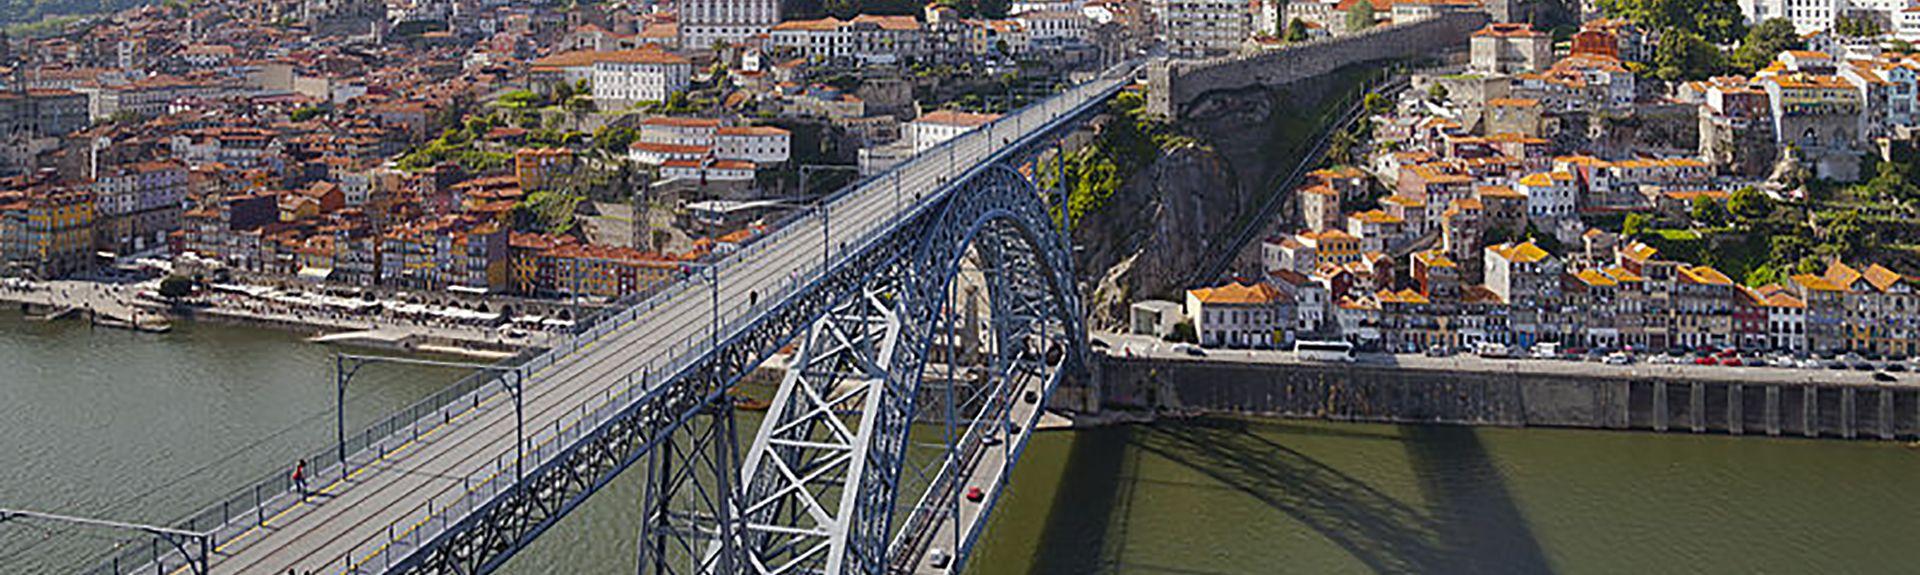 Labruge, Portugal